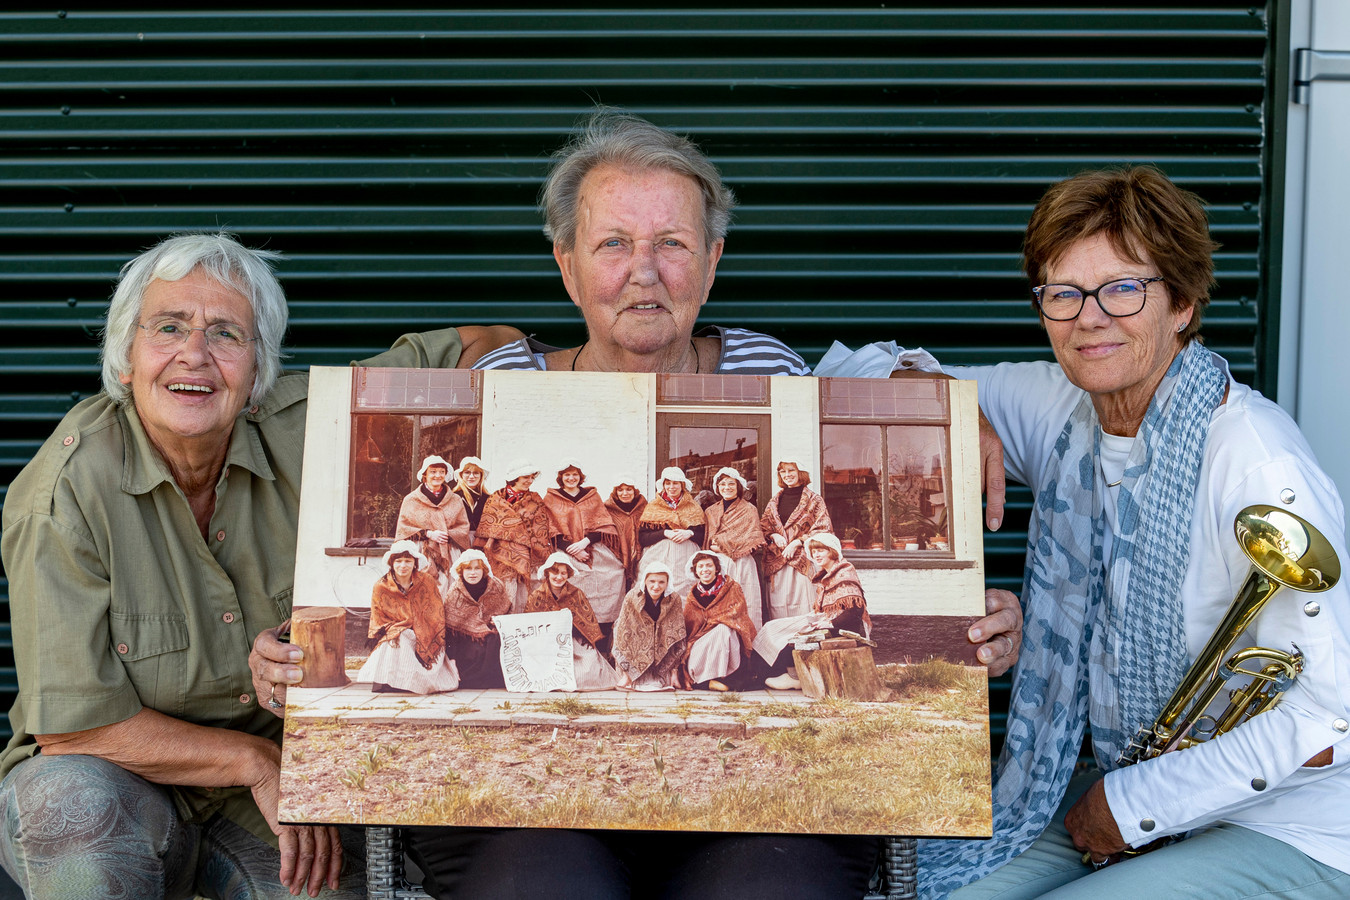 Reünie vrouwelijke dweilband v.l.n.r. : Evelien Jordans, Riet Matthijsen en Helen Bogers met een oude foto van de dweilband destijds. Evelien & Helen waren lid en Riet was in de tijd eigenaar van café de Ster waar de repetities plaats vonden.